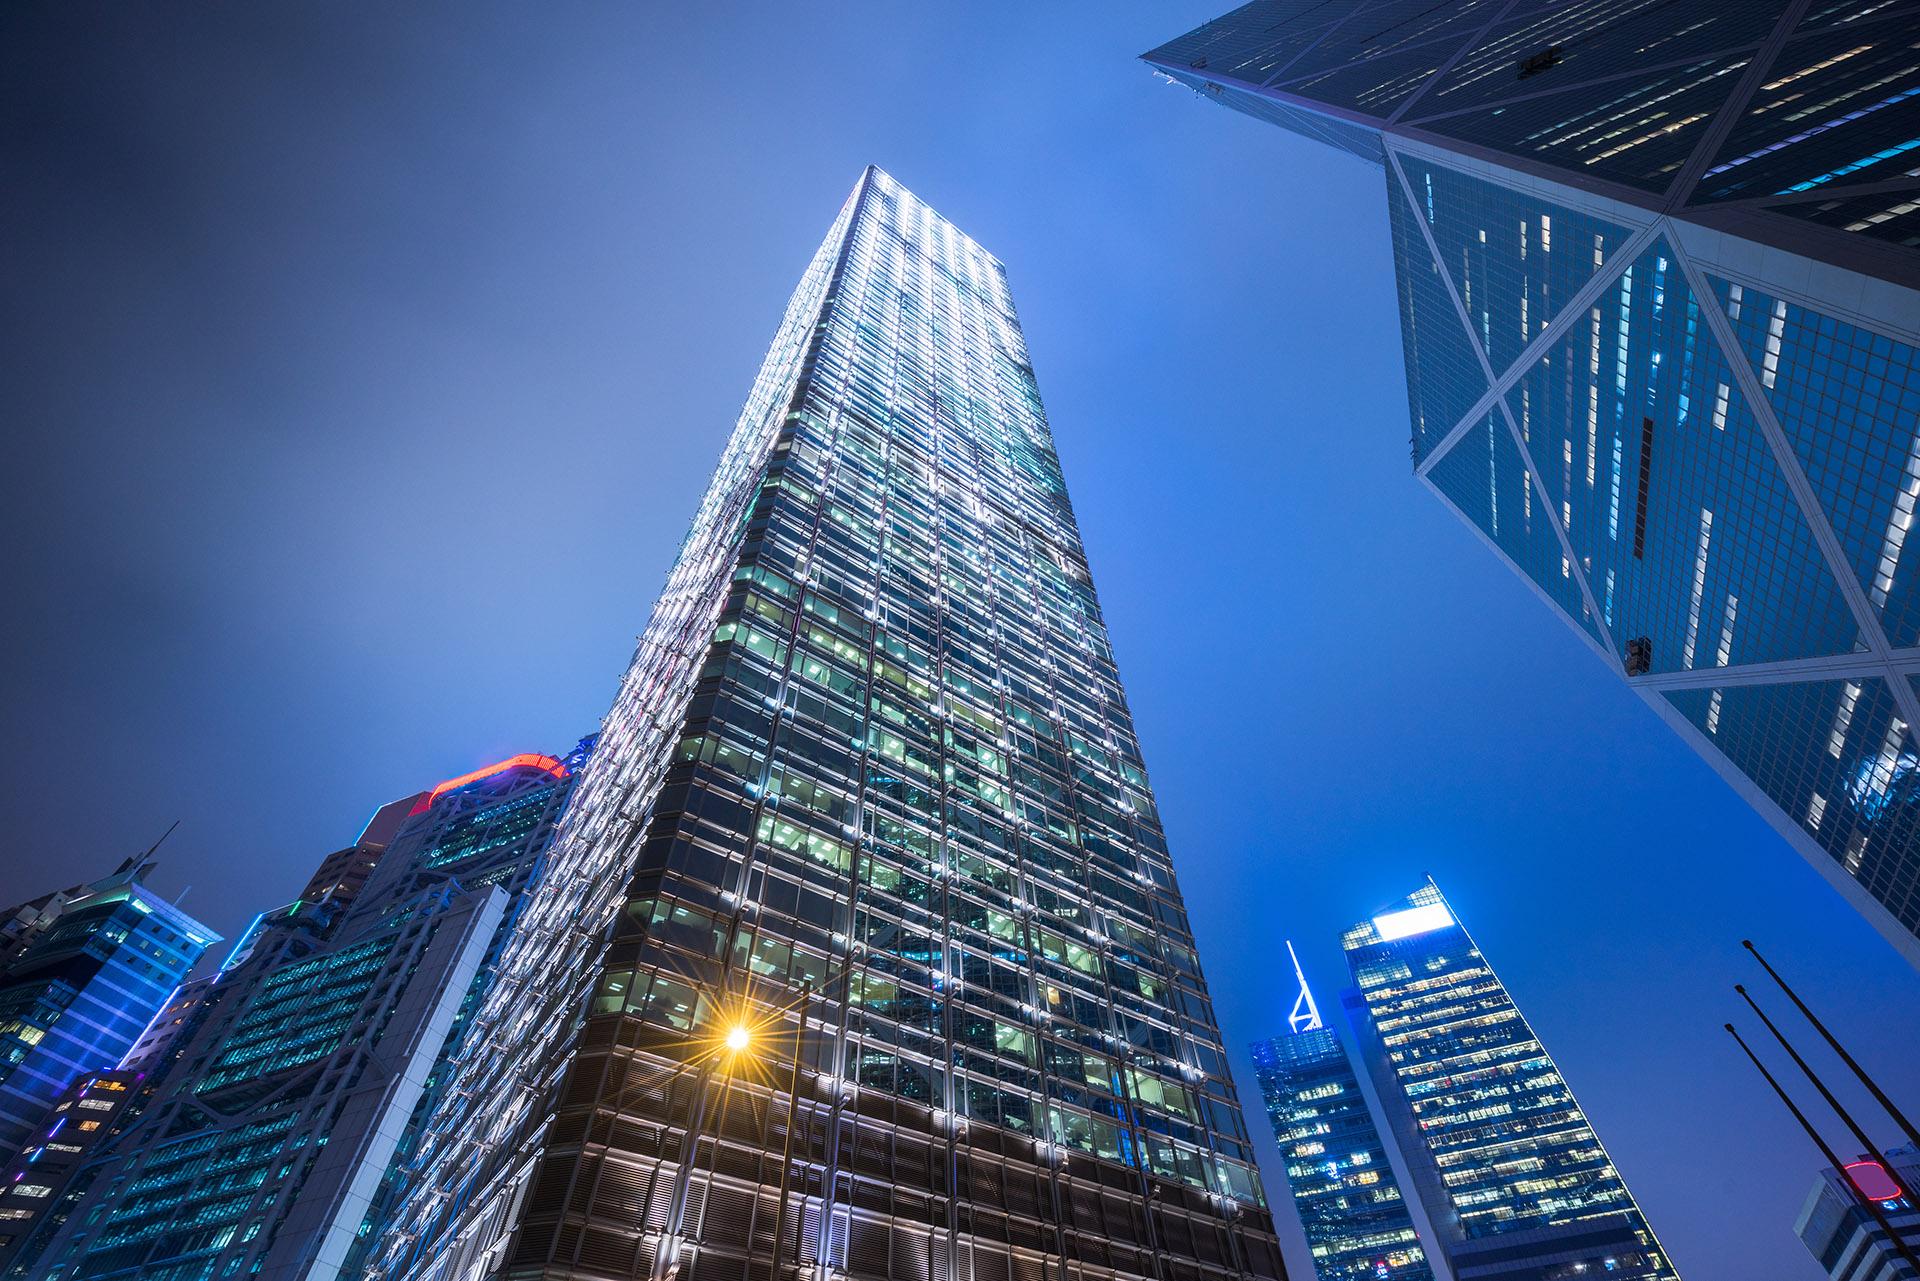 En Hong Kong, China creó Cheung Kong Center, el rascacielos de 62 pisos y 283 metros que fue terminado en 1999 donde antes estaba construido el hotel Hilton de la ciudad. Cuenta con un área de 117.100 m2 y pertenece a la Cheung Kong Holdings donde en el último piso vive su presidente